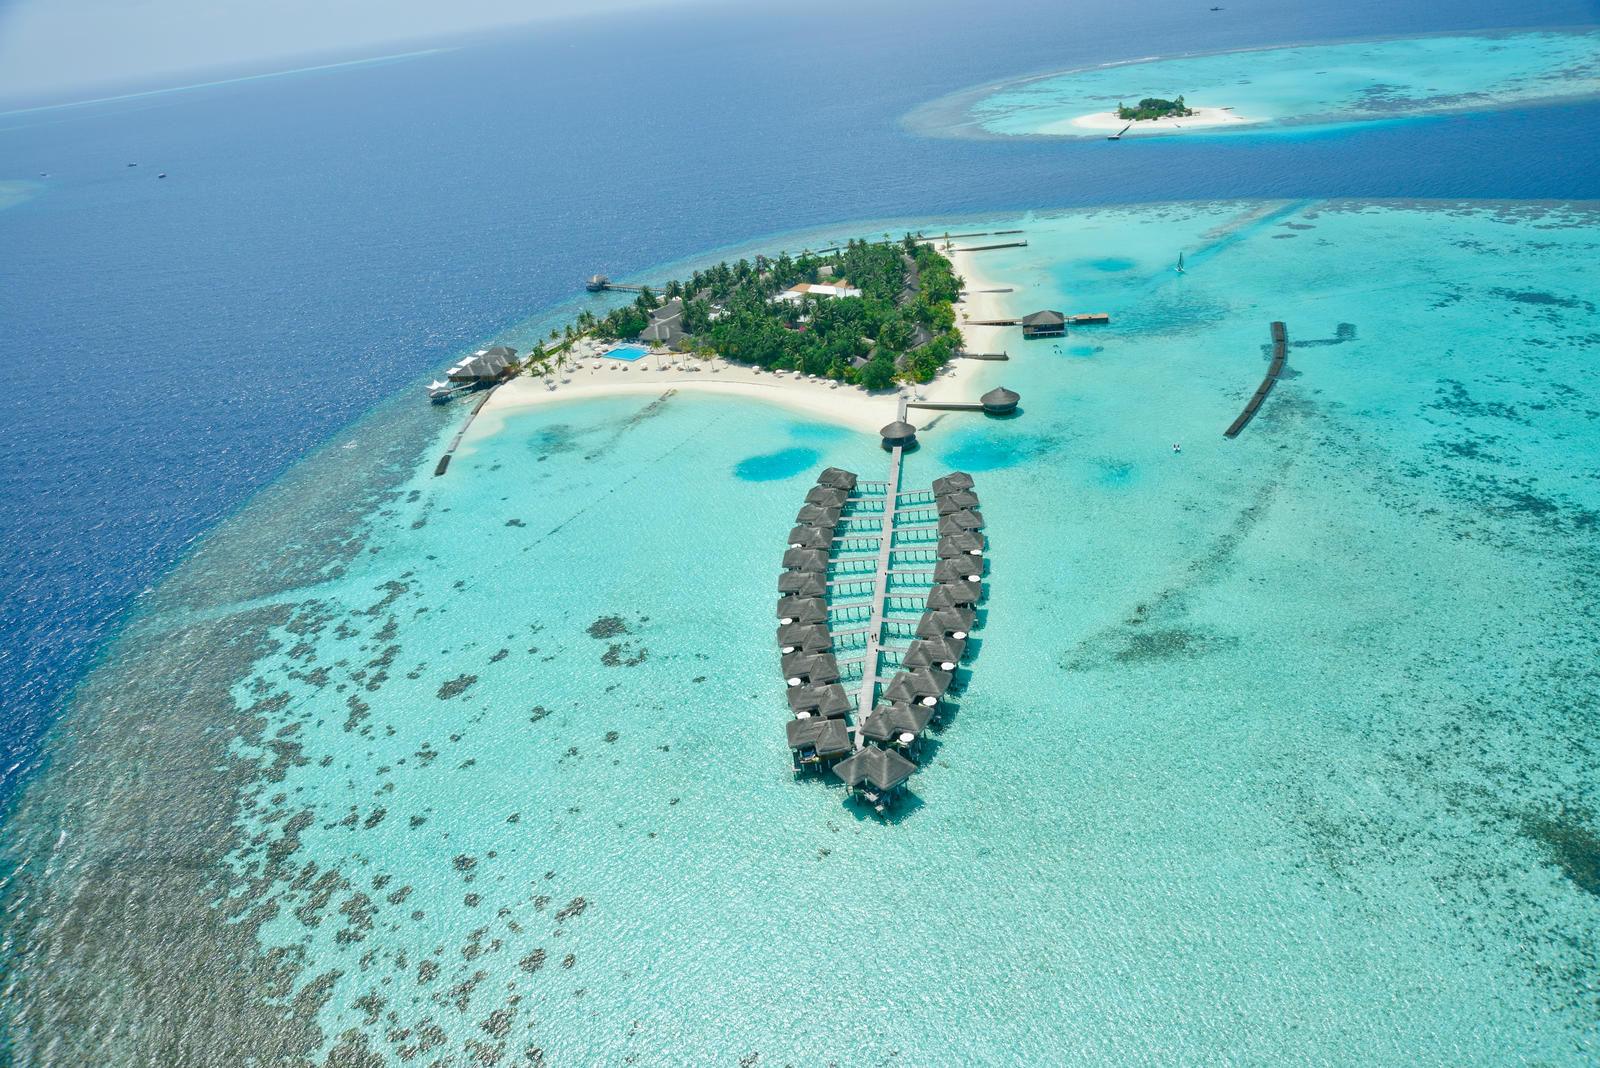 malediven oder seychellen reisetipps f r verliebte und. Black Bedroom Furniture Sets. Home Design Ideas